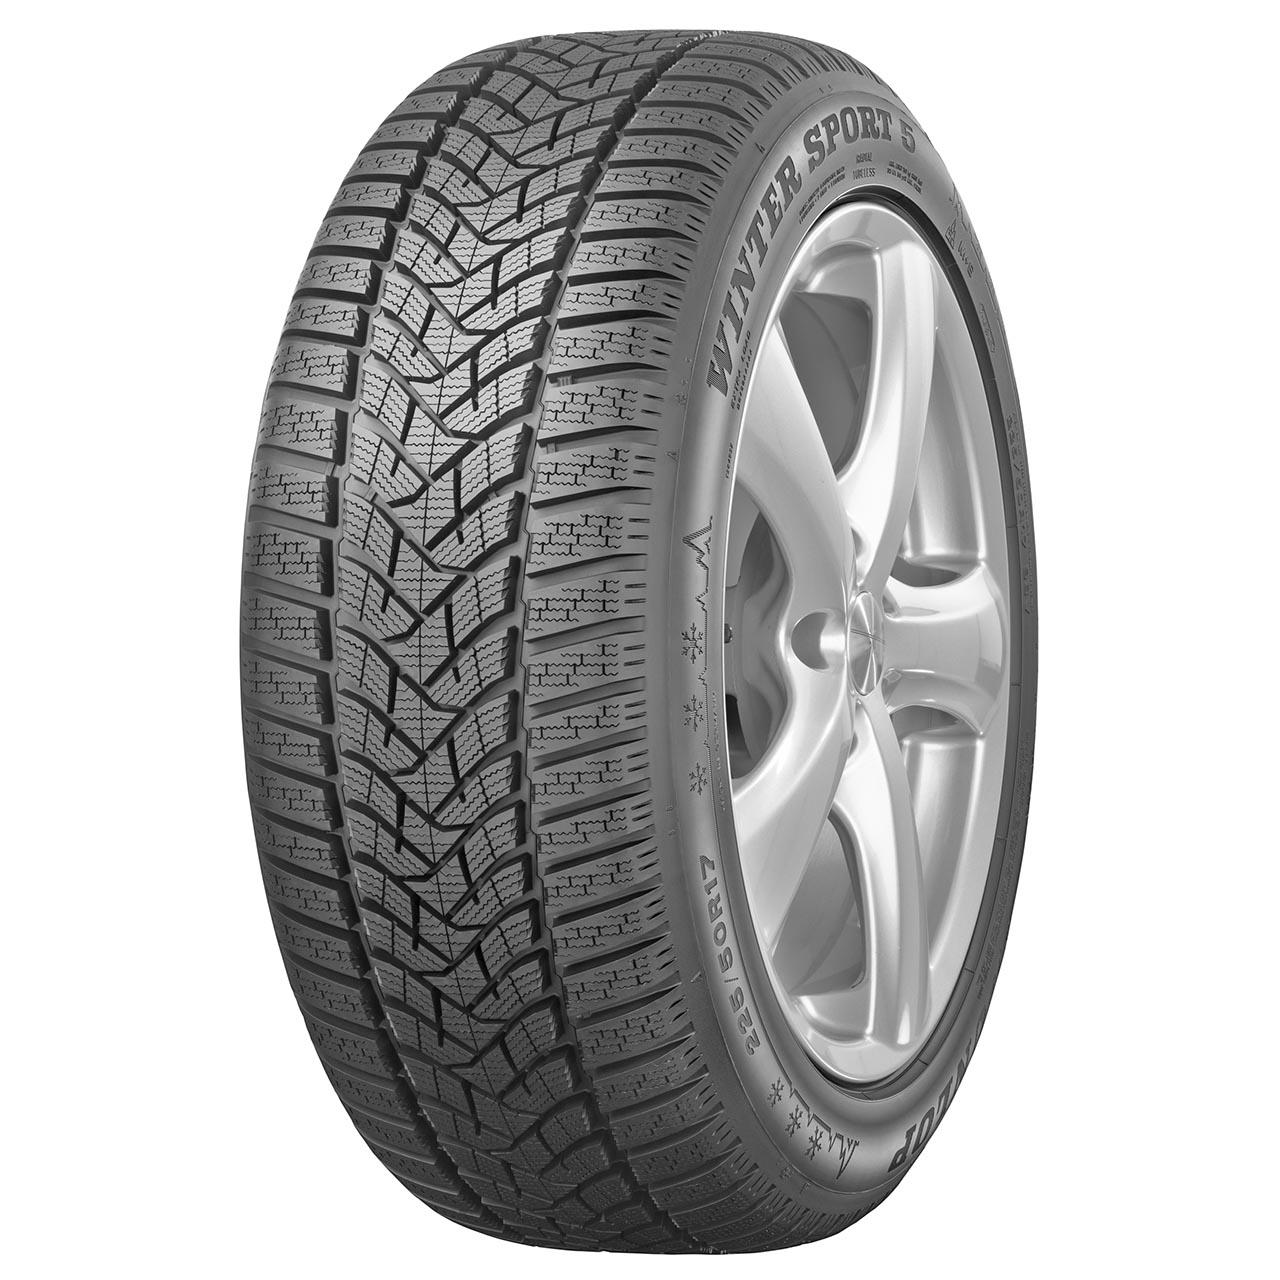 Dunlop Winter Sport 5 205/55R16 94V XL